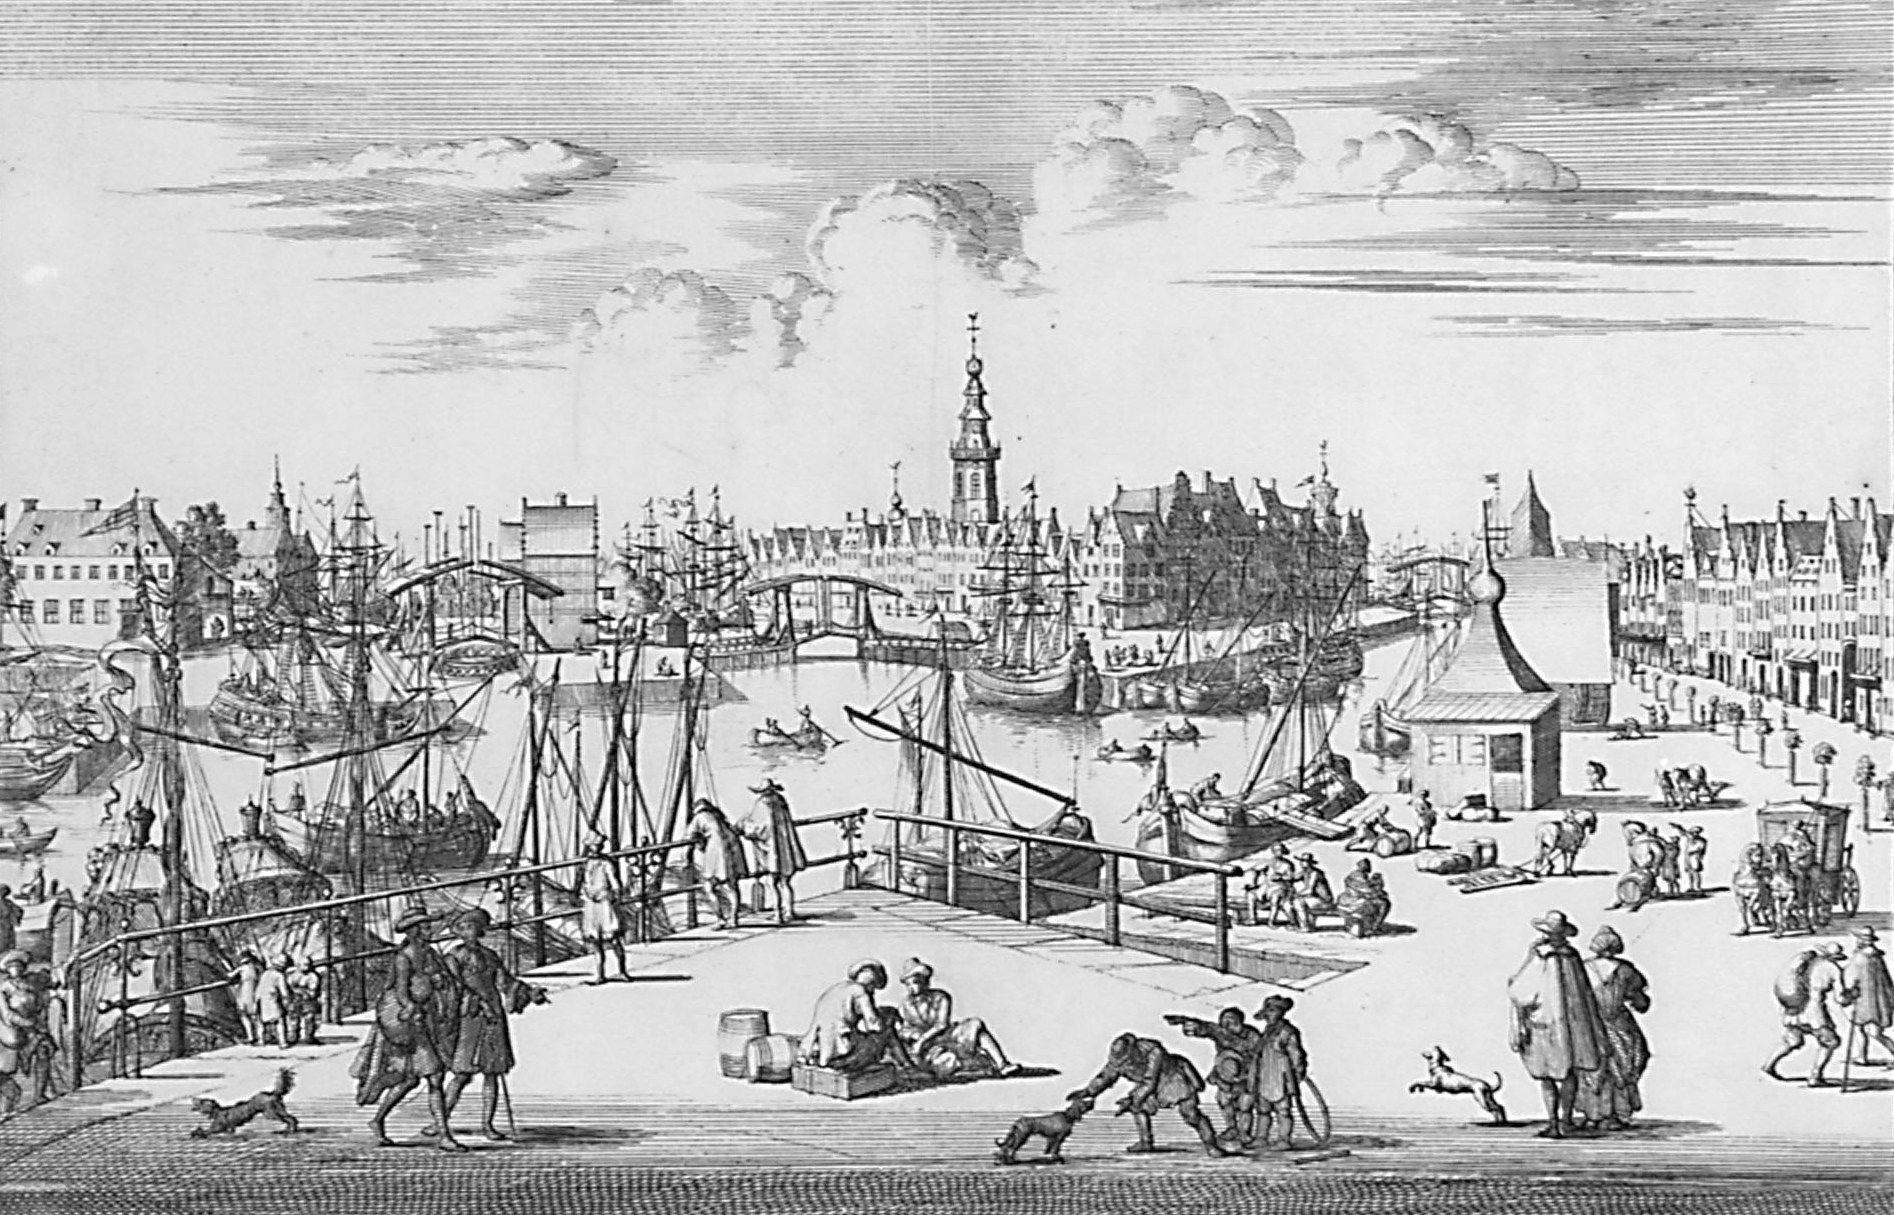 Gezicht van de binnenhaven van Middelburg, vanaf de Oostpunt. Kopergravure, circa 1690. (Zeeuws Archief, collectie Zeeuws Genootschap, Zelandia Illustrata)